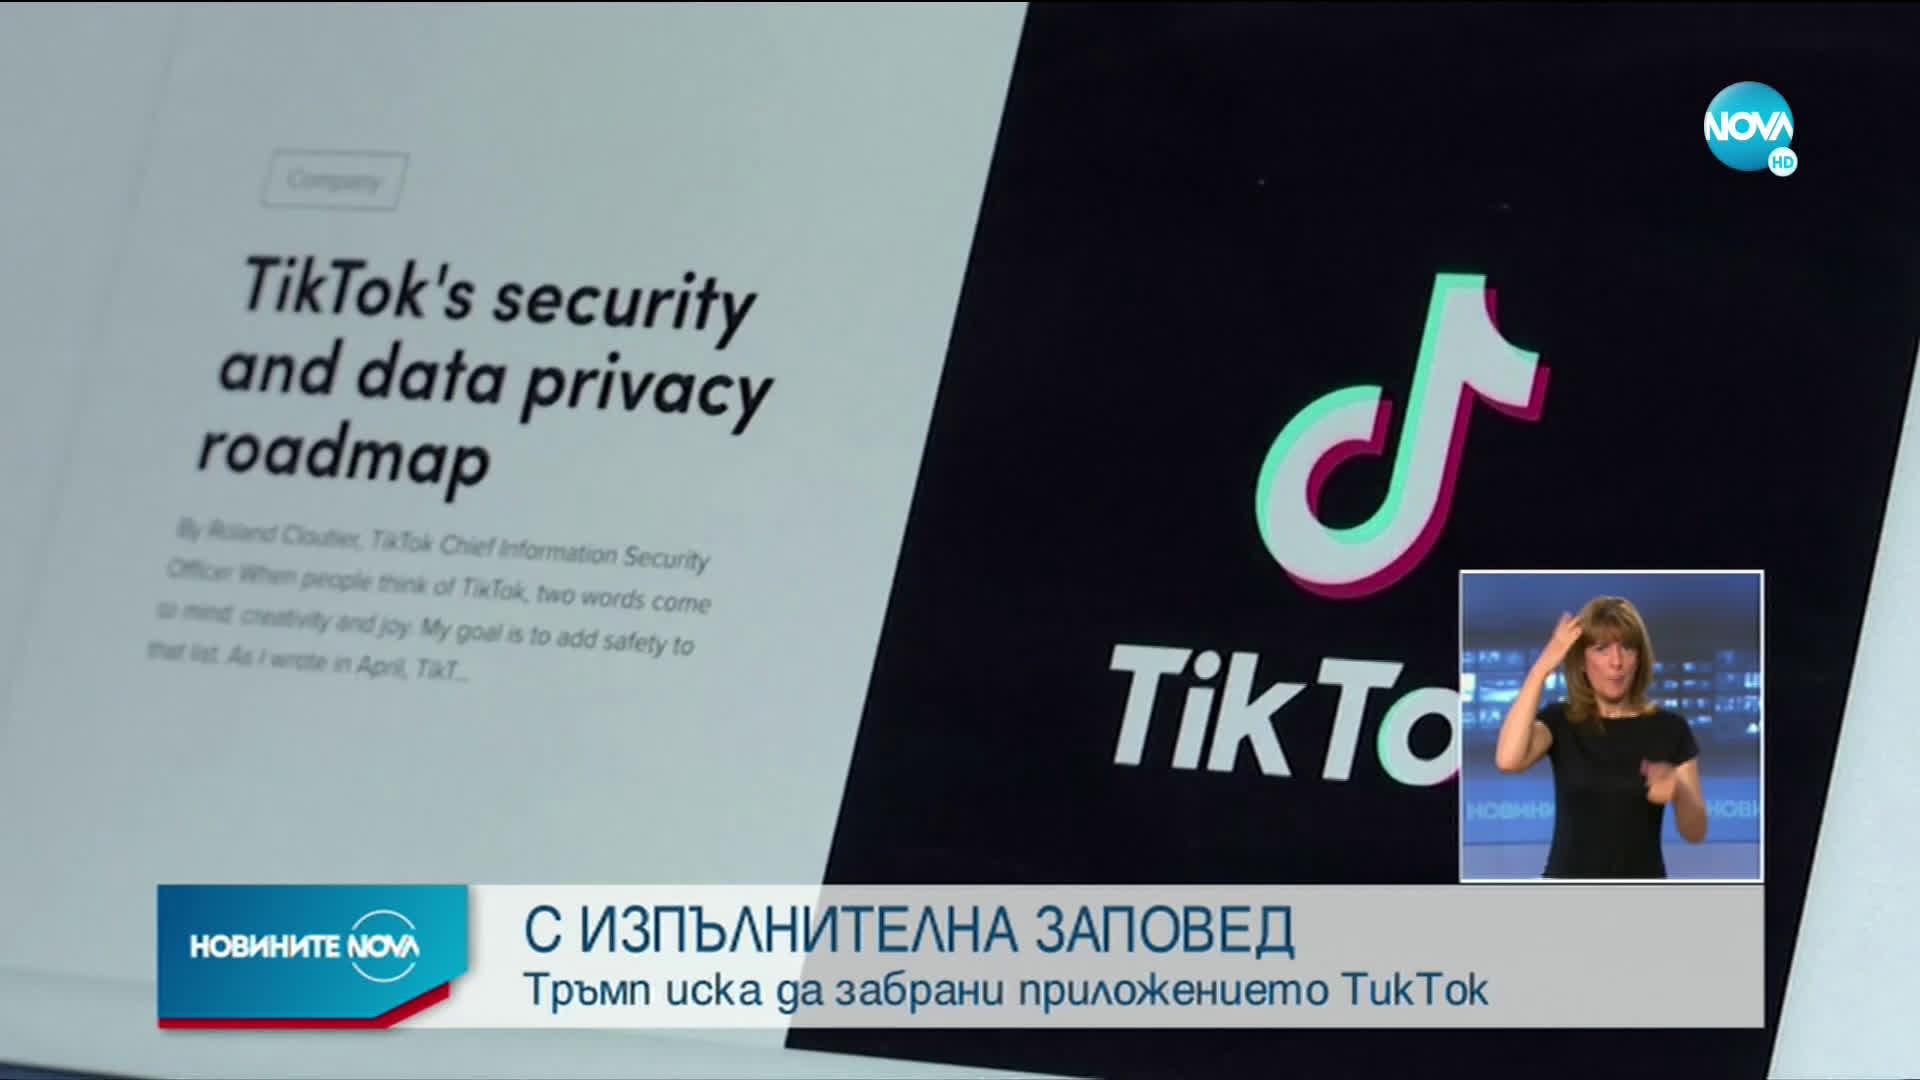 Тръмп иска да забрани приложението TikTok